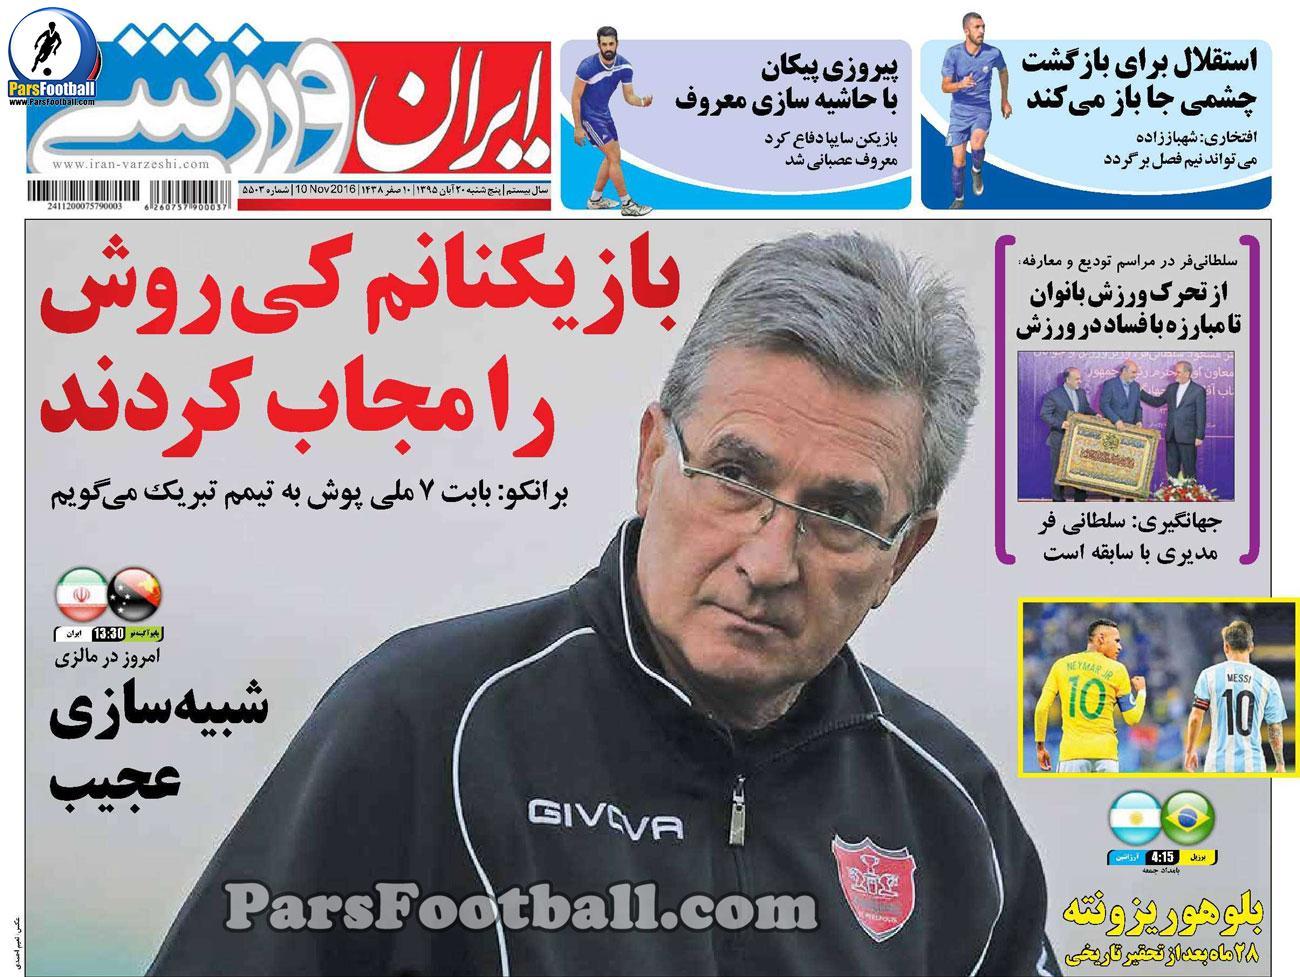 روزنامه ایران ورزشی پنجشنبه 20 آبان 95